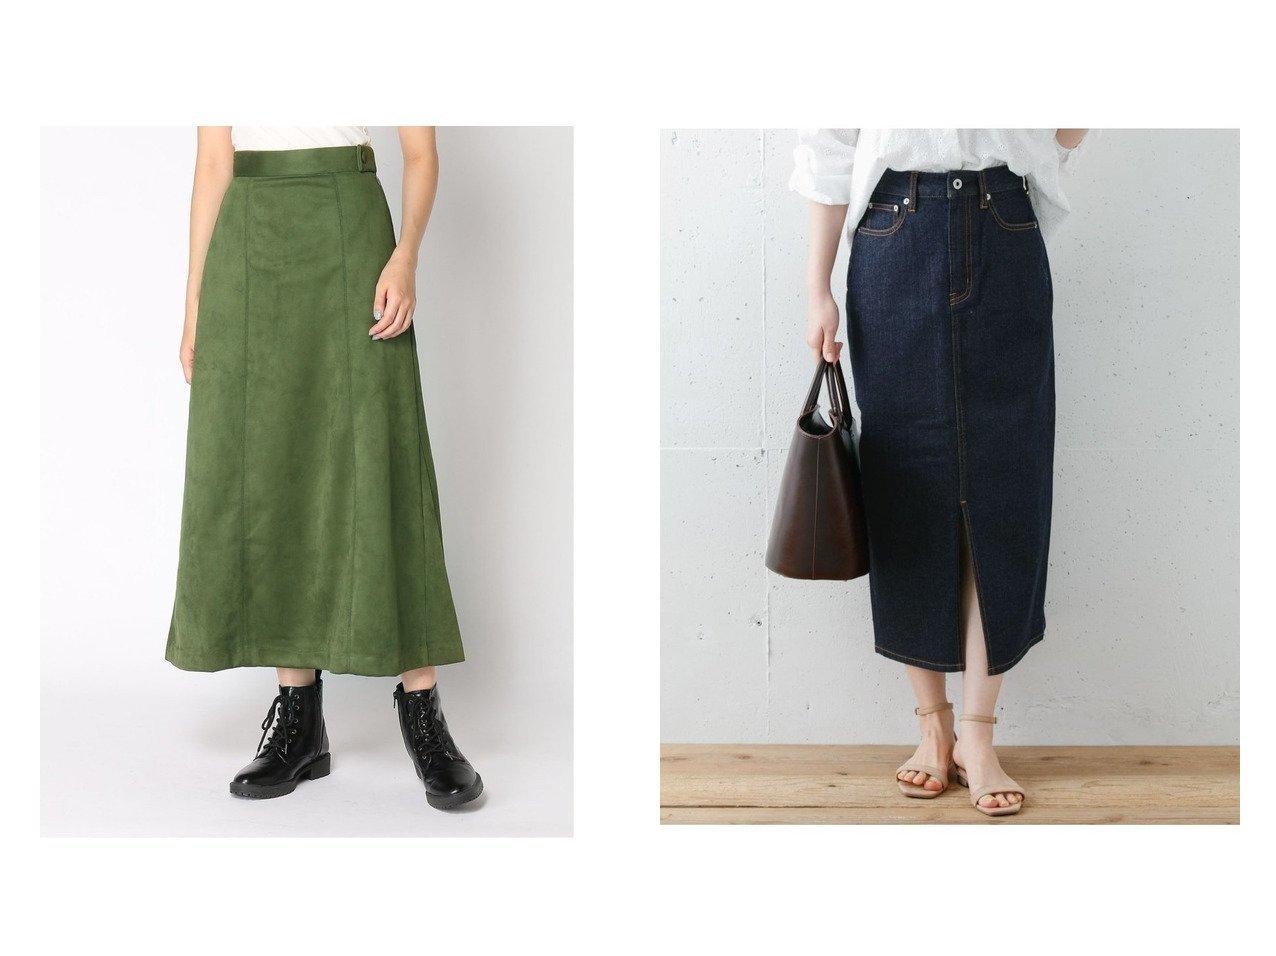 【JEANASiS/ジーナシス】のヌバックライクステッチSK&【Sonny Label/サニーレーベル】の【WEB限定】ロングタイトデニムスカート スカートのおすすめ!人気、レディースファッションの通販 おすすめで人気のファッション通販商品 インテリア・家具・キッズファッション・メンズファッション・レディースファッション・服の通販 founy(ファニー) https://founy.com/ ファッション Fashion レディース WOMEN トップス Tops Tshirt カットソー Cut and Sewn スカート Skirt Aライン/フレアスカート Flared A-Line Skirts デニムスカート Denim Skirts カットソー ショート ストレッチ フィット フレア 人気 |ID:crp329100000001176